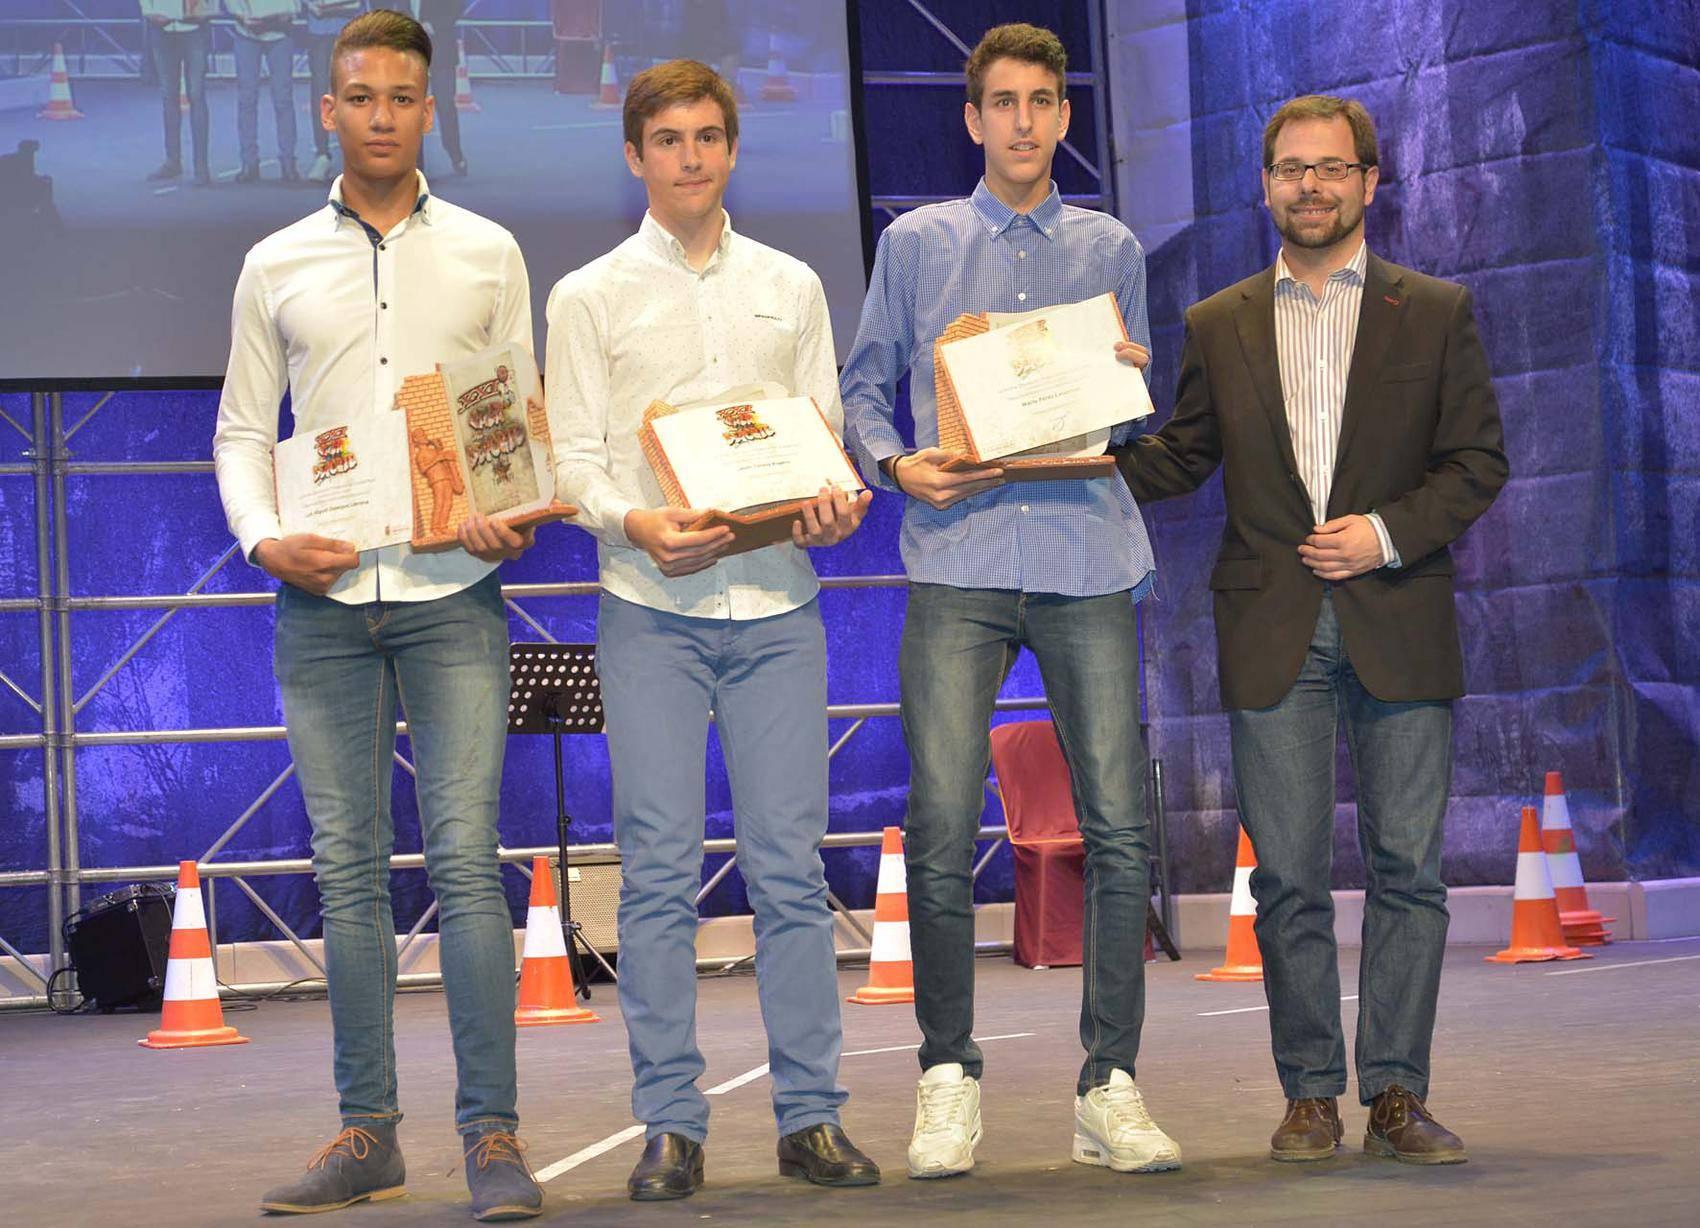 entrega de premios gala del deporte provincial de ciudad real en Herencia2 - Los mejores deportistas de la provincia son premiados en Herencia